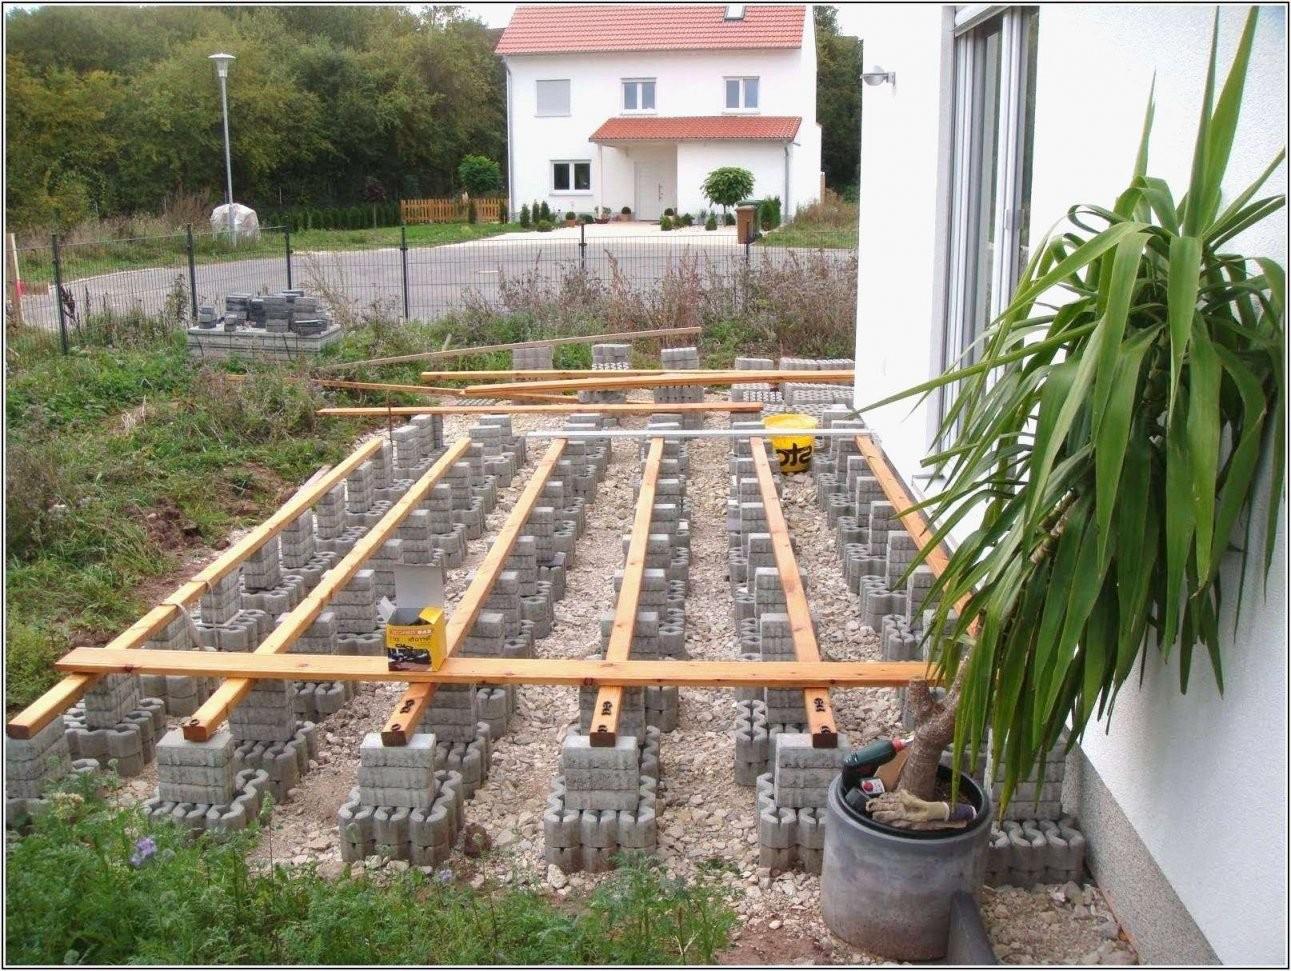 Treppe Garten Selber Bauen Holz Schön Terrasse Treppe Selber Bauen von Treppe Im Garten Selbst Bauen Bild